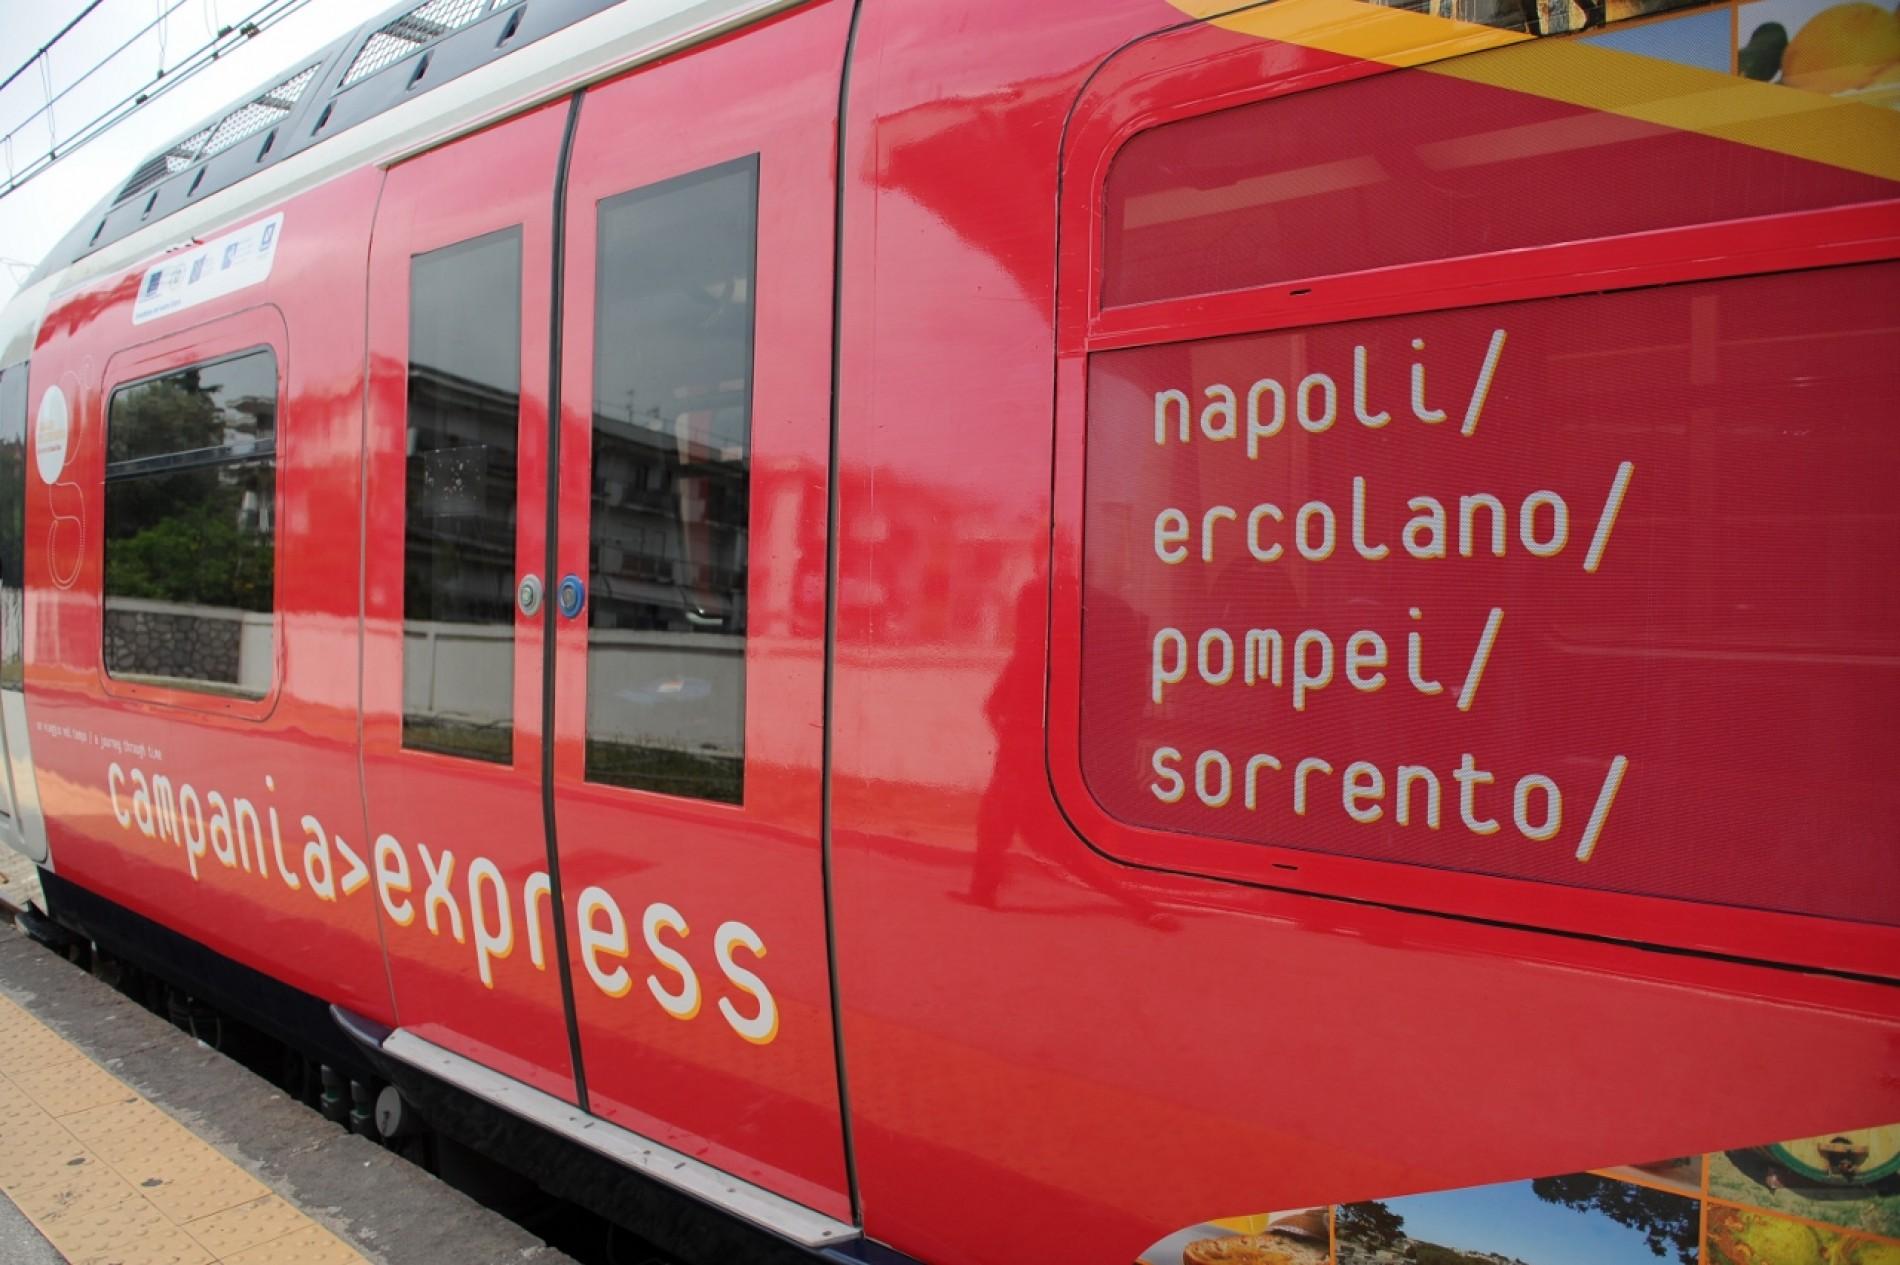 Campania Express, Sorrento sui pedali